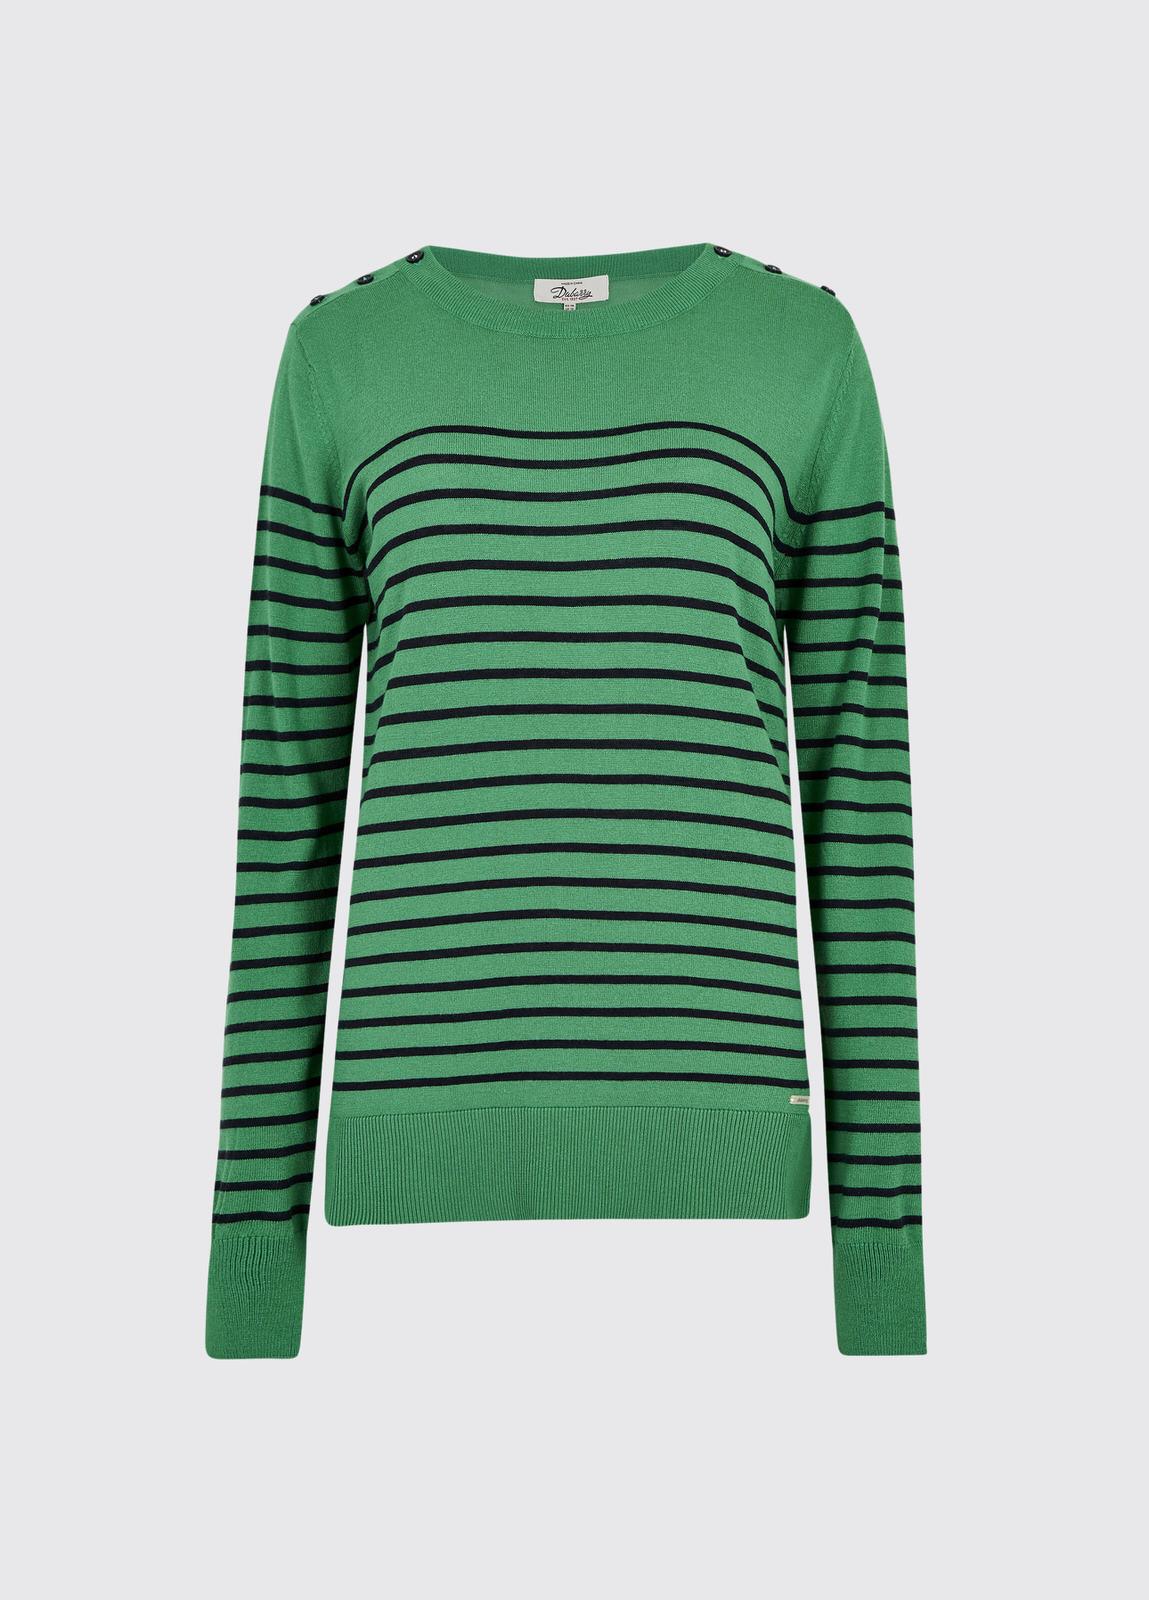 Portlaw lightweight Sweater - Kelly Green